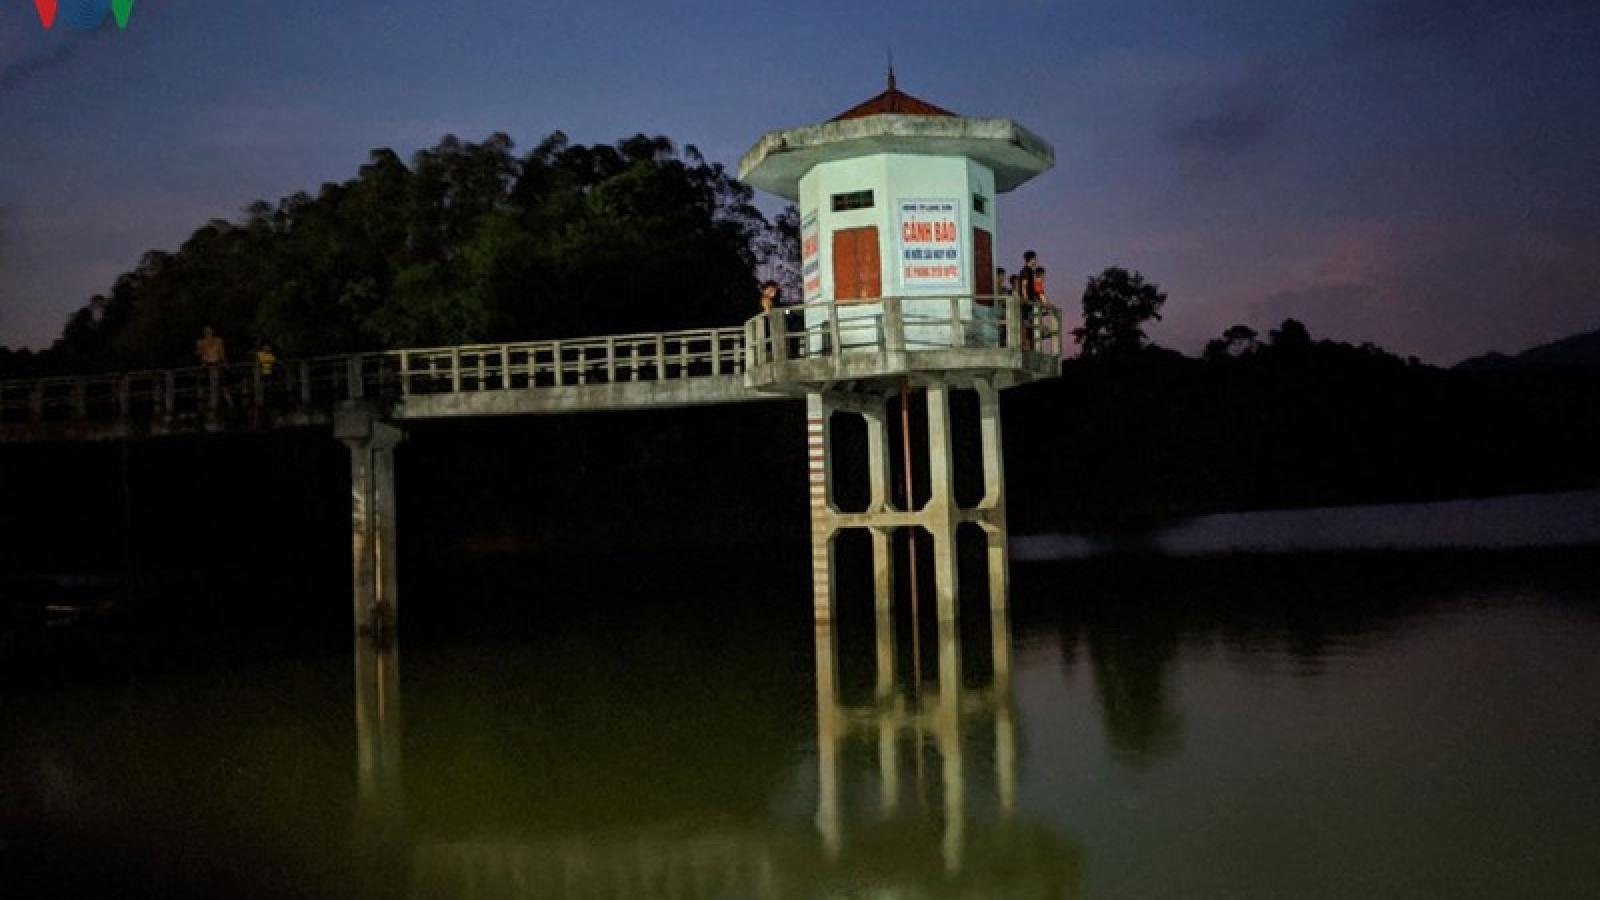 Tìm kiếm người bị đuối nước ở Lạng Sơn khi vớt đồ cho học sinh